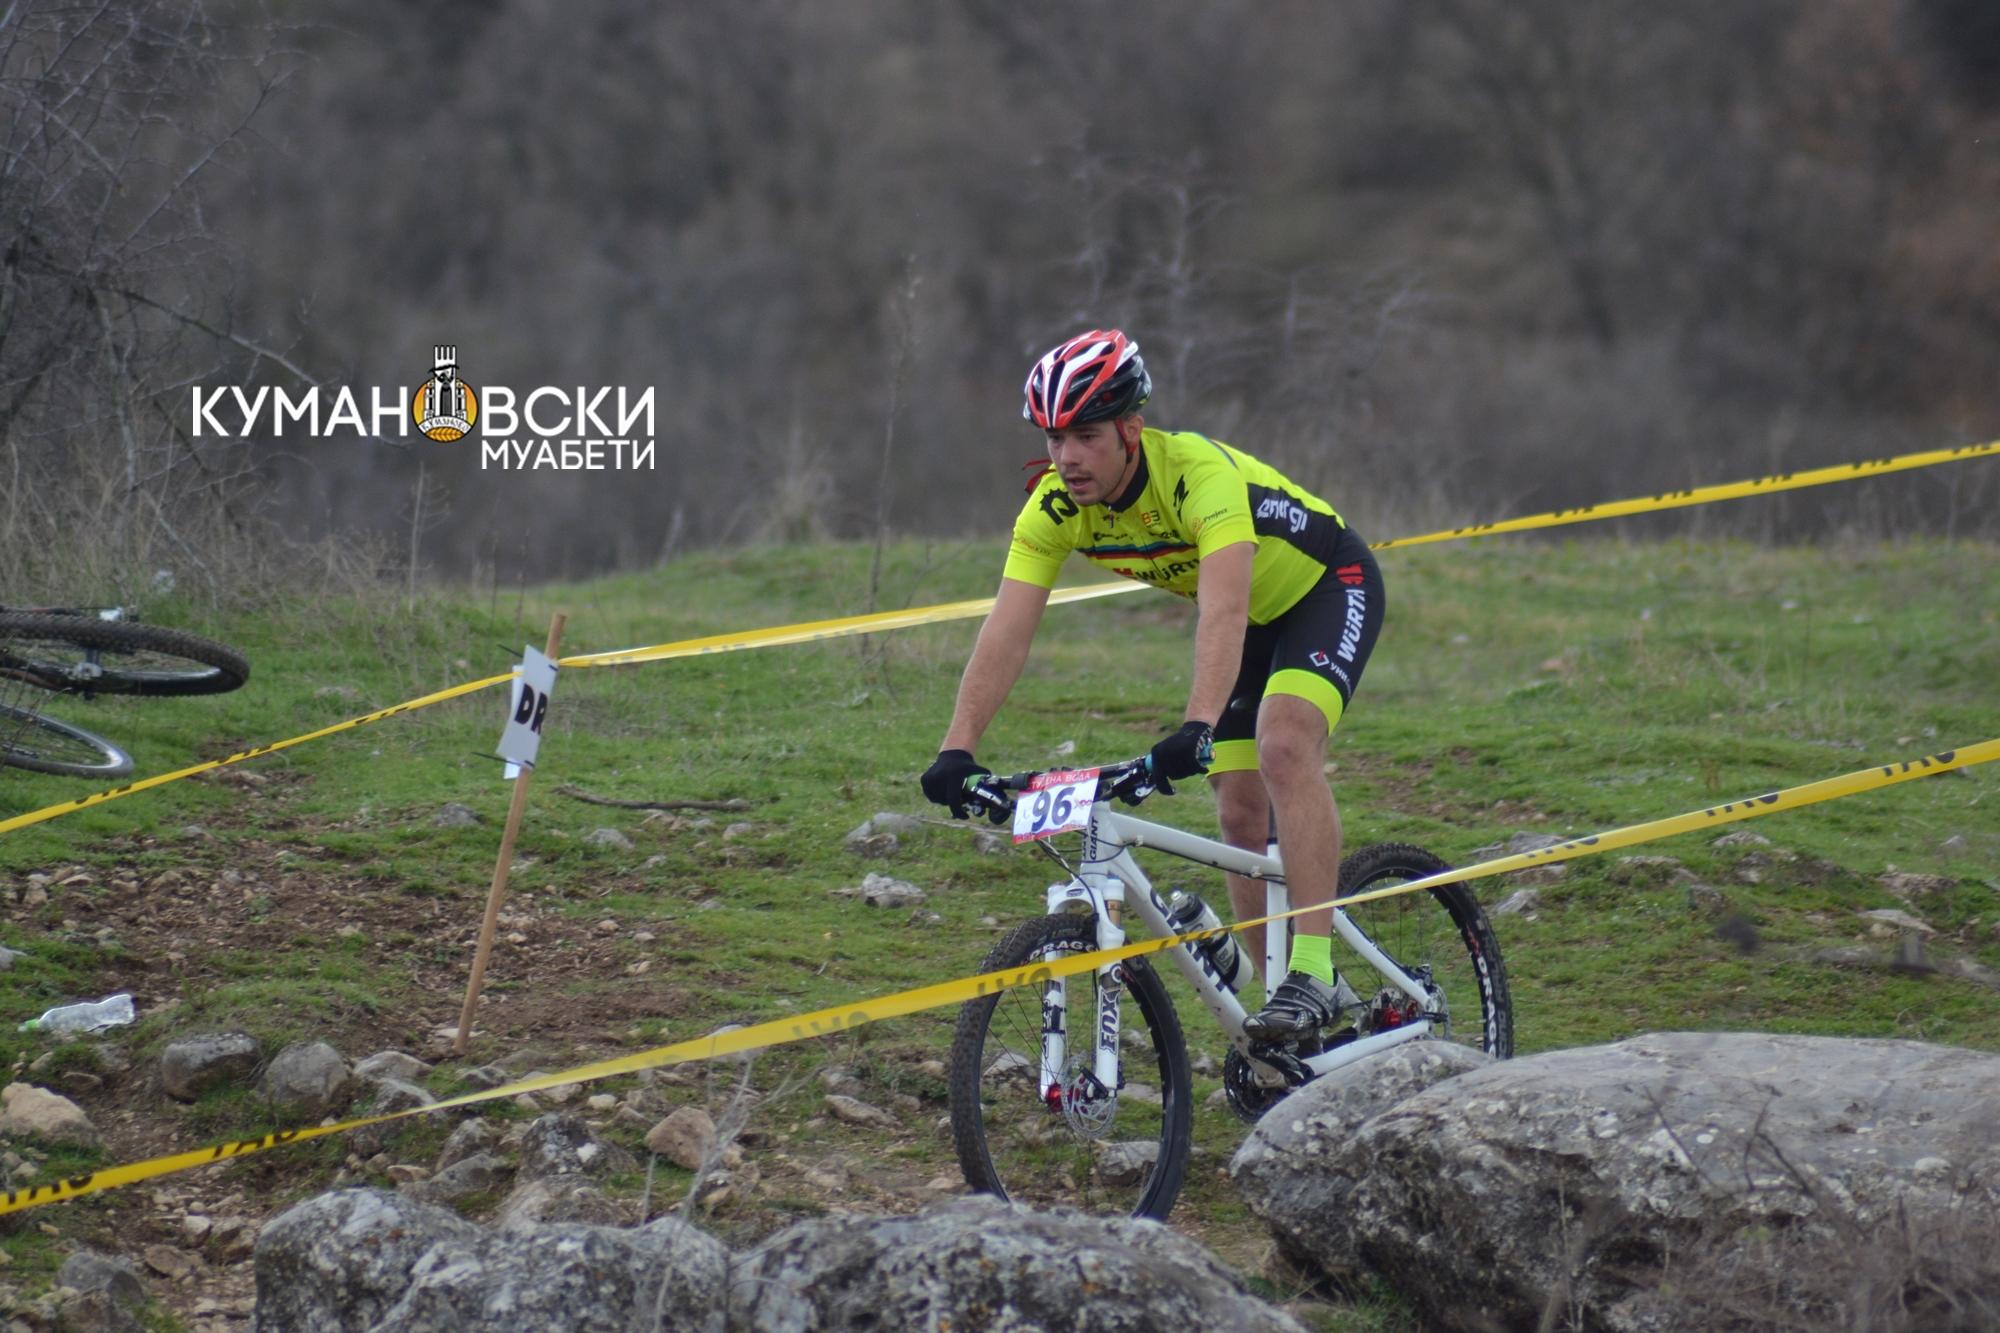 (ГАЛЕРИЈА) Меѓународна трка во планински велосипедизам во Куманово